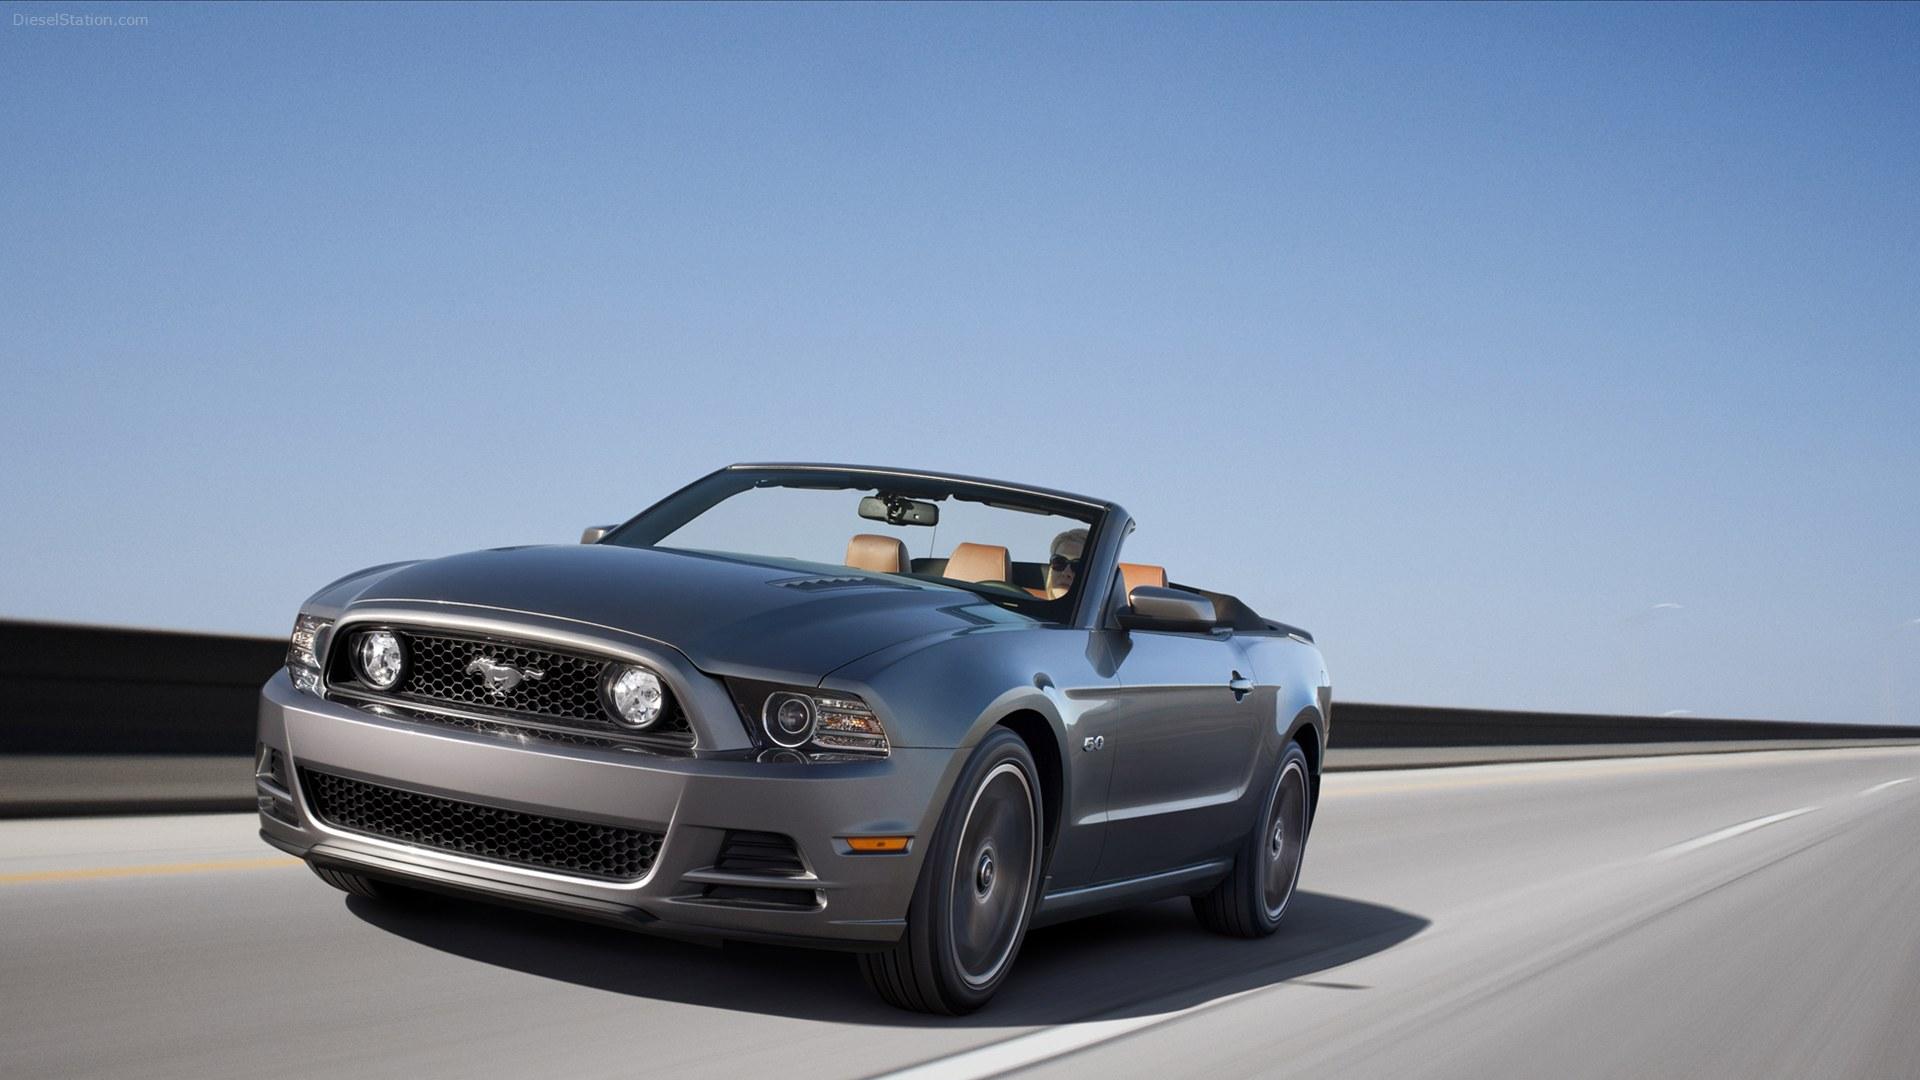 Ford Mustang кабриолет смотреть